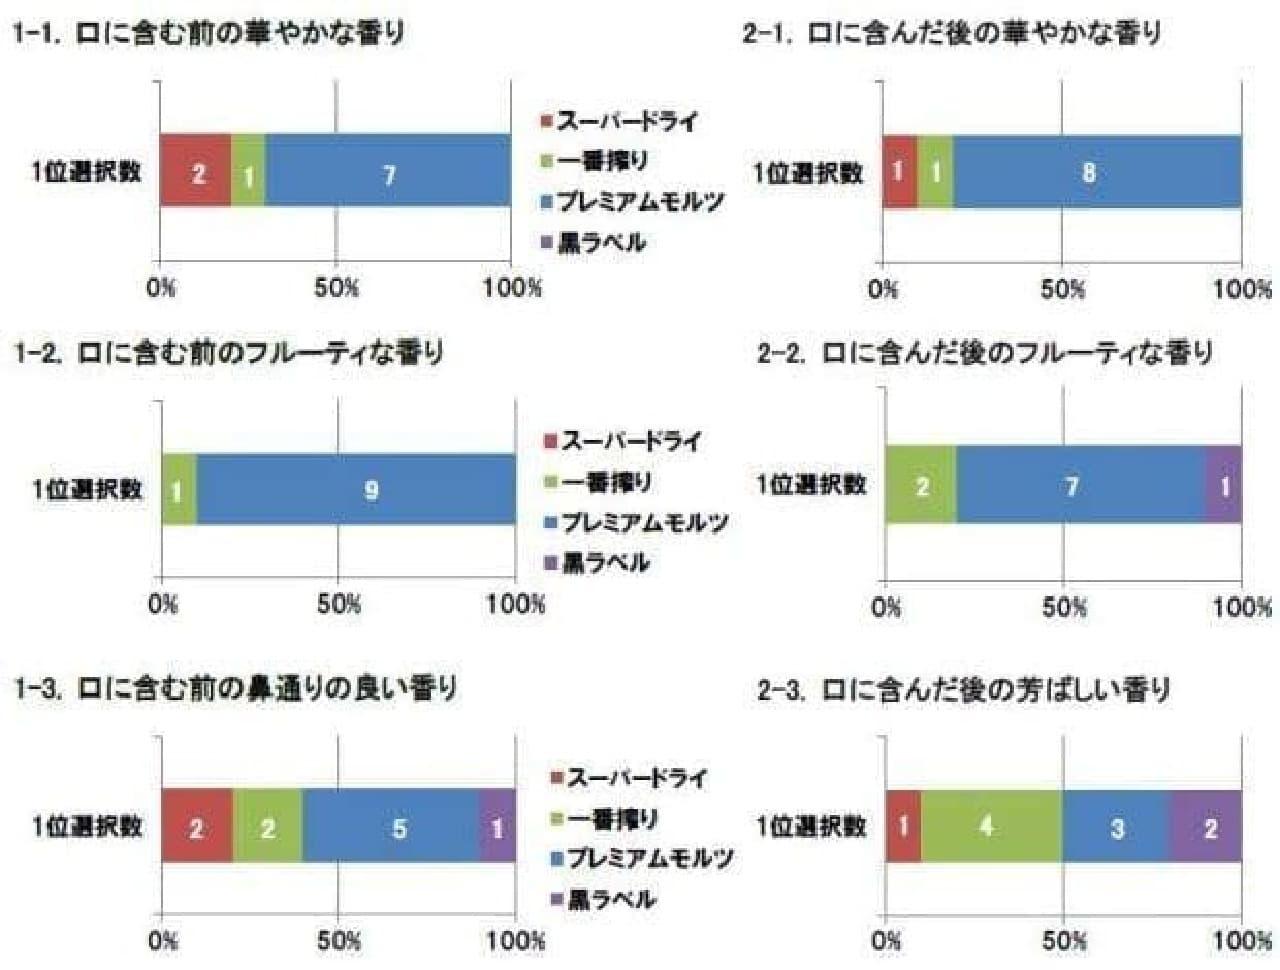 「ビールの香り」に関する官能試験/官能検査員の検査結果(香り高さの違い)